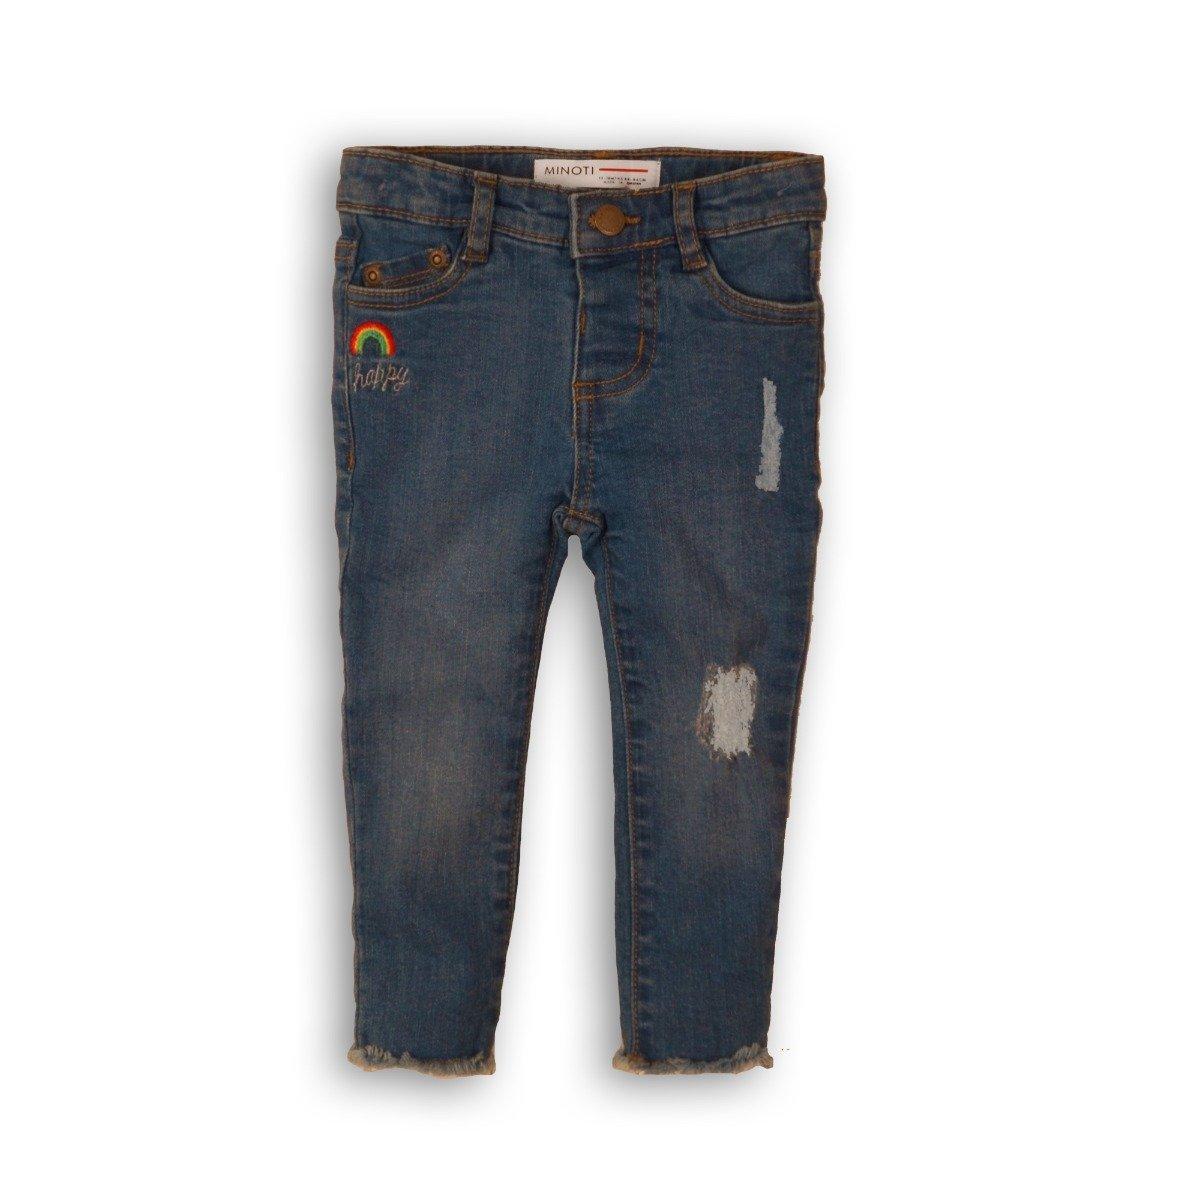 Pantaloni jeans cu design Minoti Place imagine